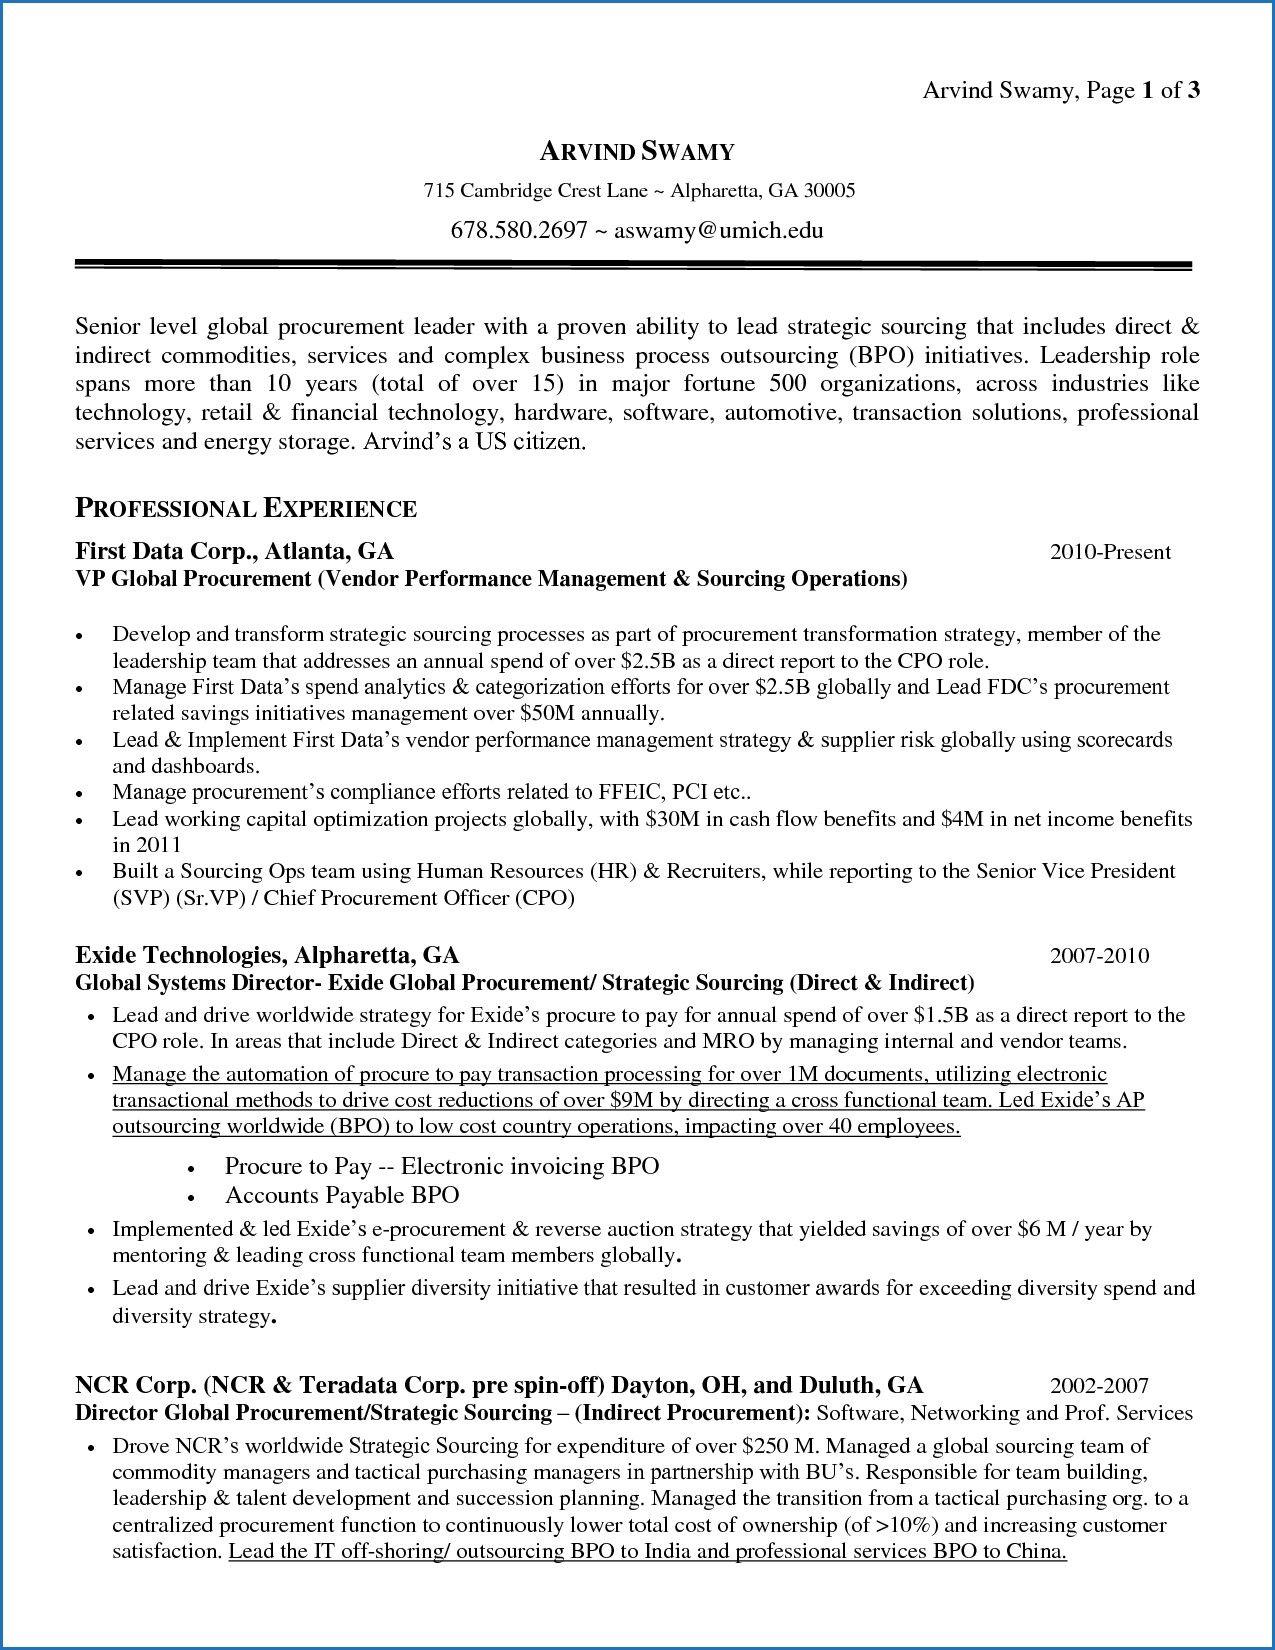 11 Sample Resume For Operations Manager In Bpo Check More At Https Www Ortelle Org Sample Resume For Operations Manager In Bpo